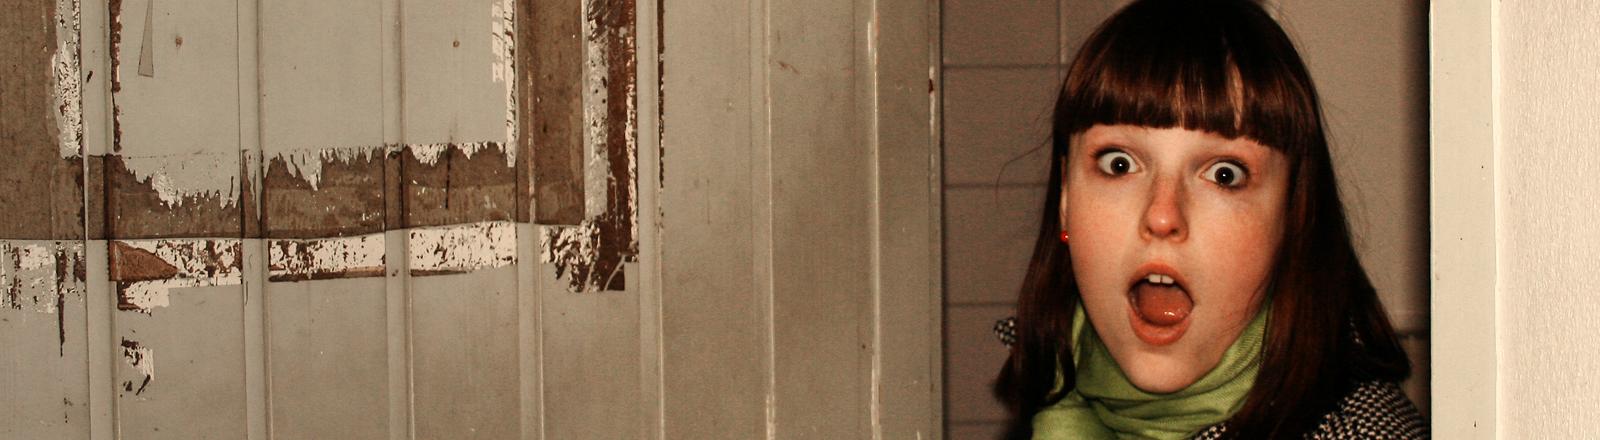 Eine junge Frau öffnet eine Tür und schaut erstaunt